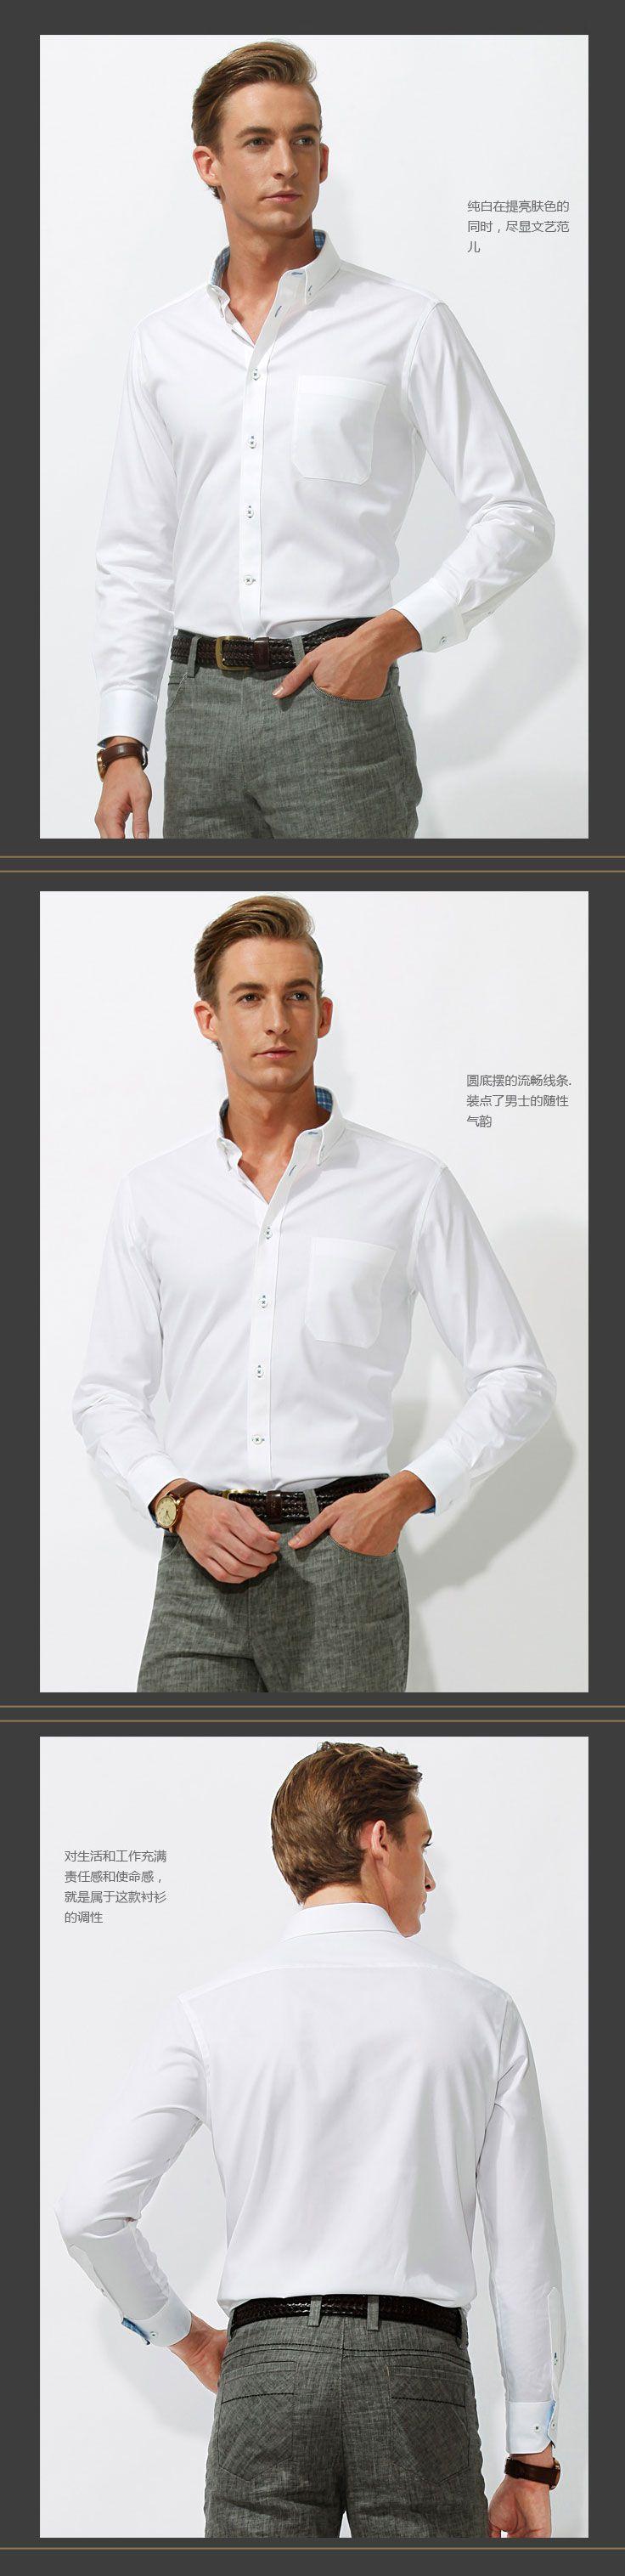 此款衬衫设计说明